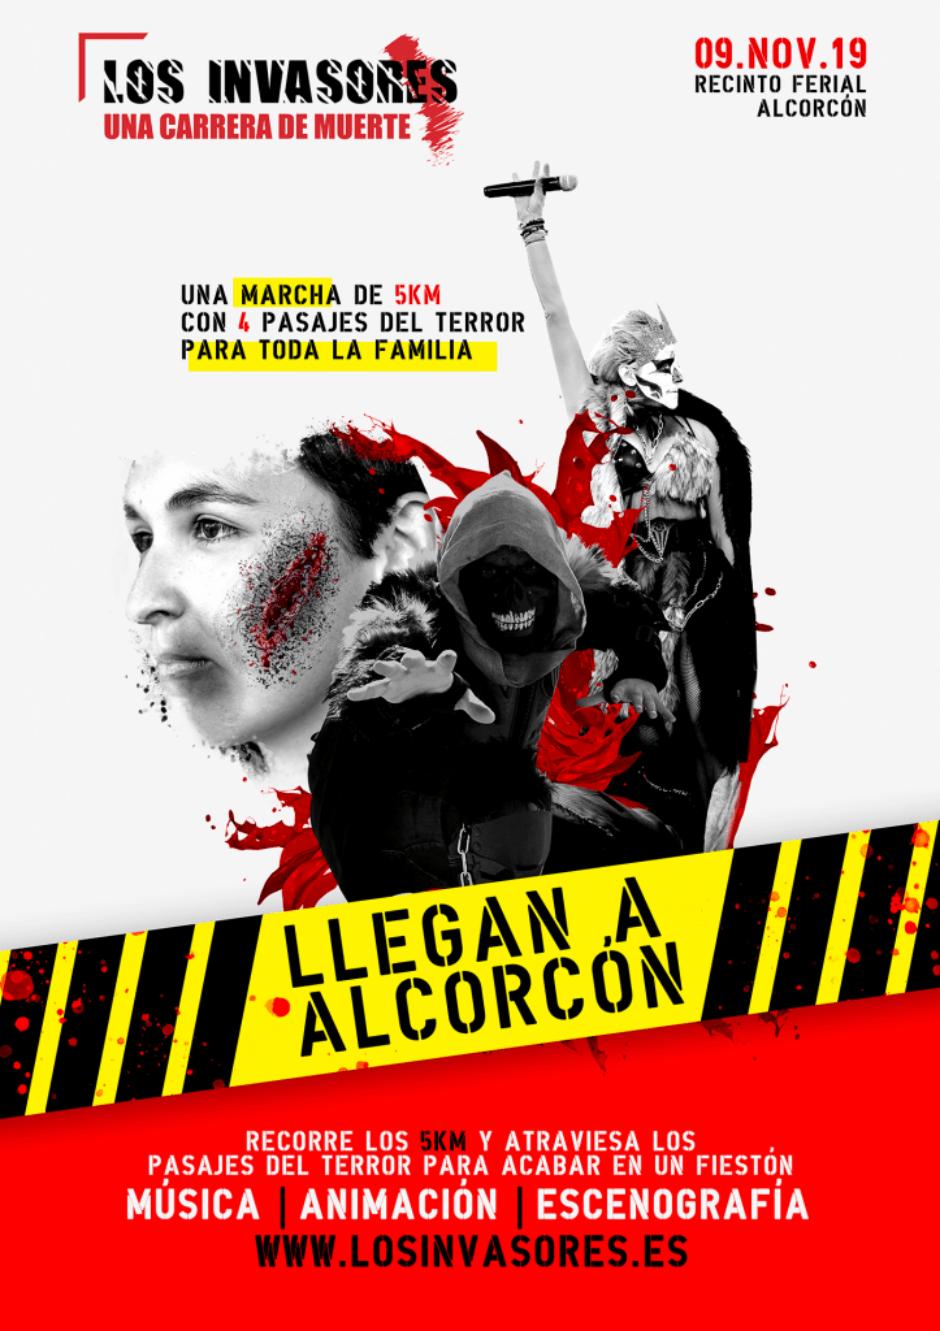 Alcorcón será invadida el 9 de noviembre